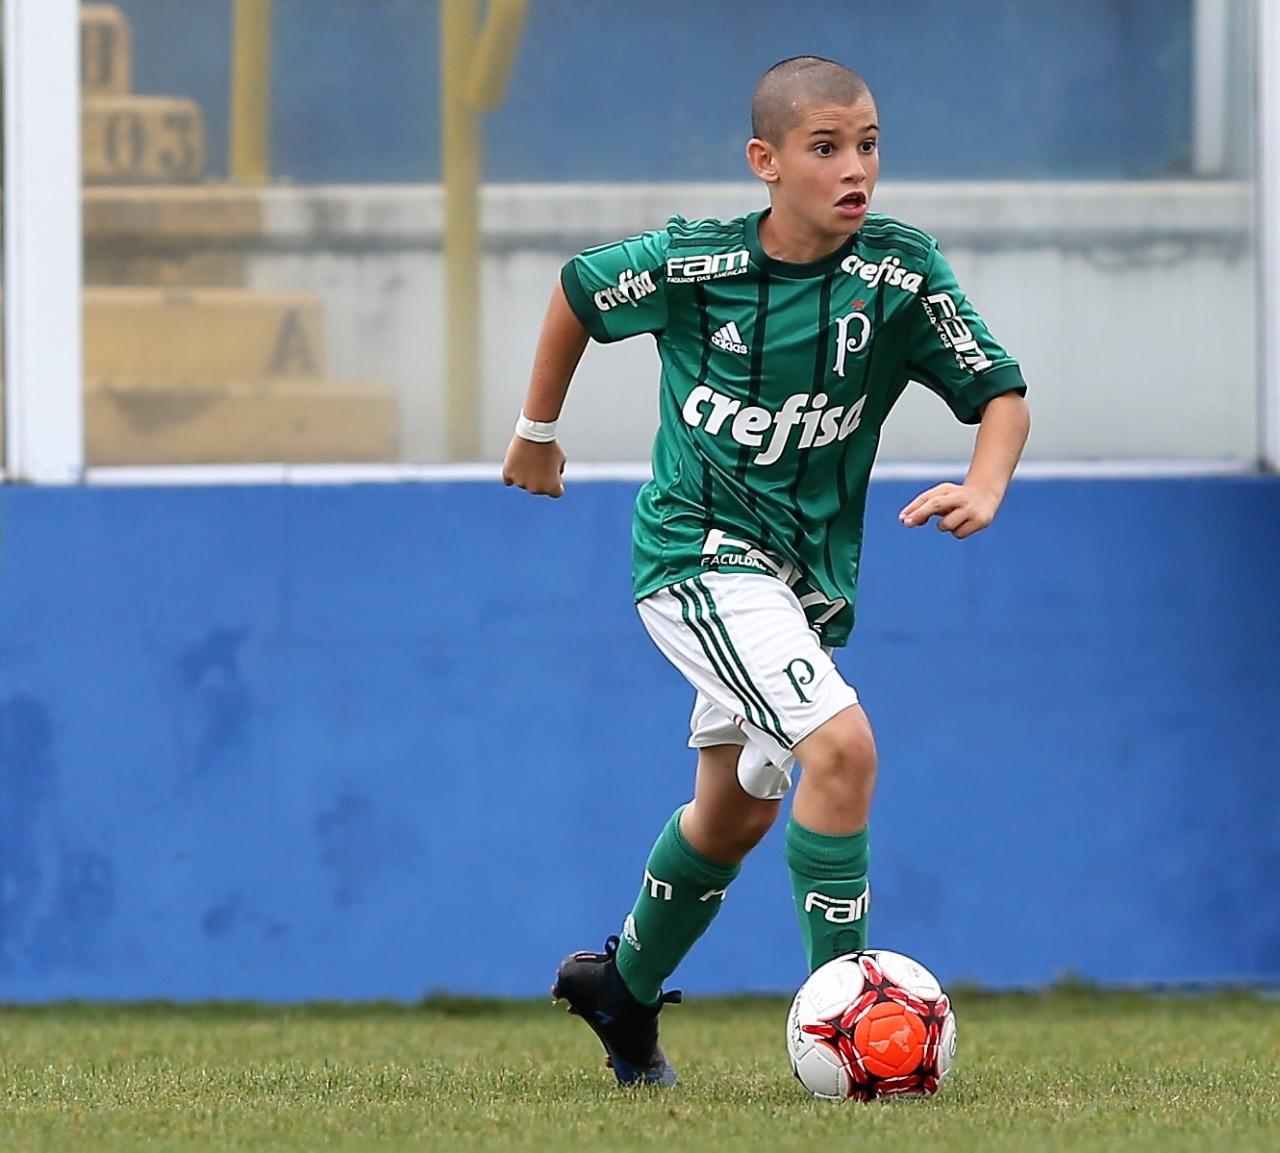 Fabio Menotti/Ag. Palmeiras/Divulgação_Lucas Astolfi é um dos destaques do time Sub-11 de campo e do Sub-12 de futsal do Palmeiras